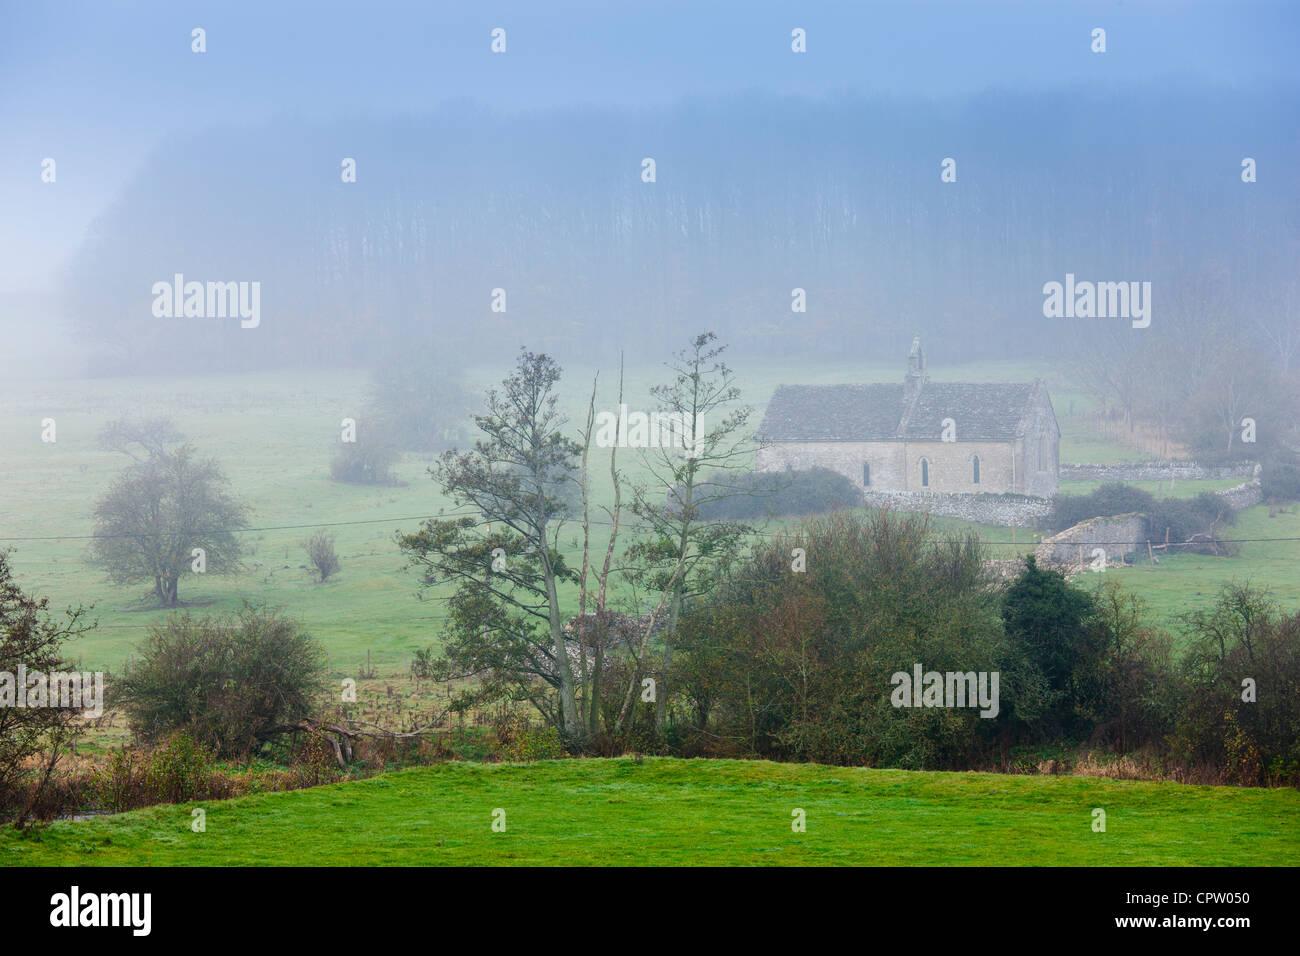 Misty escena y la iglesia de St Oswald, una capilla remota en un campo, en Widford cerca de Burford en Cotswolds, Oxfordshire, REINO UNIDO Foto de stock